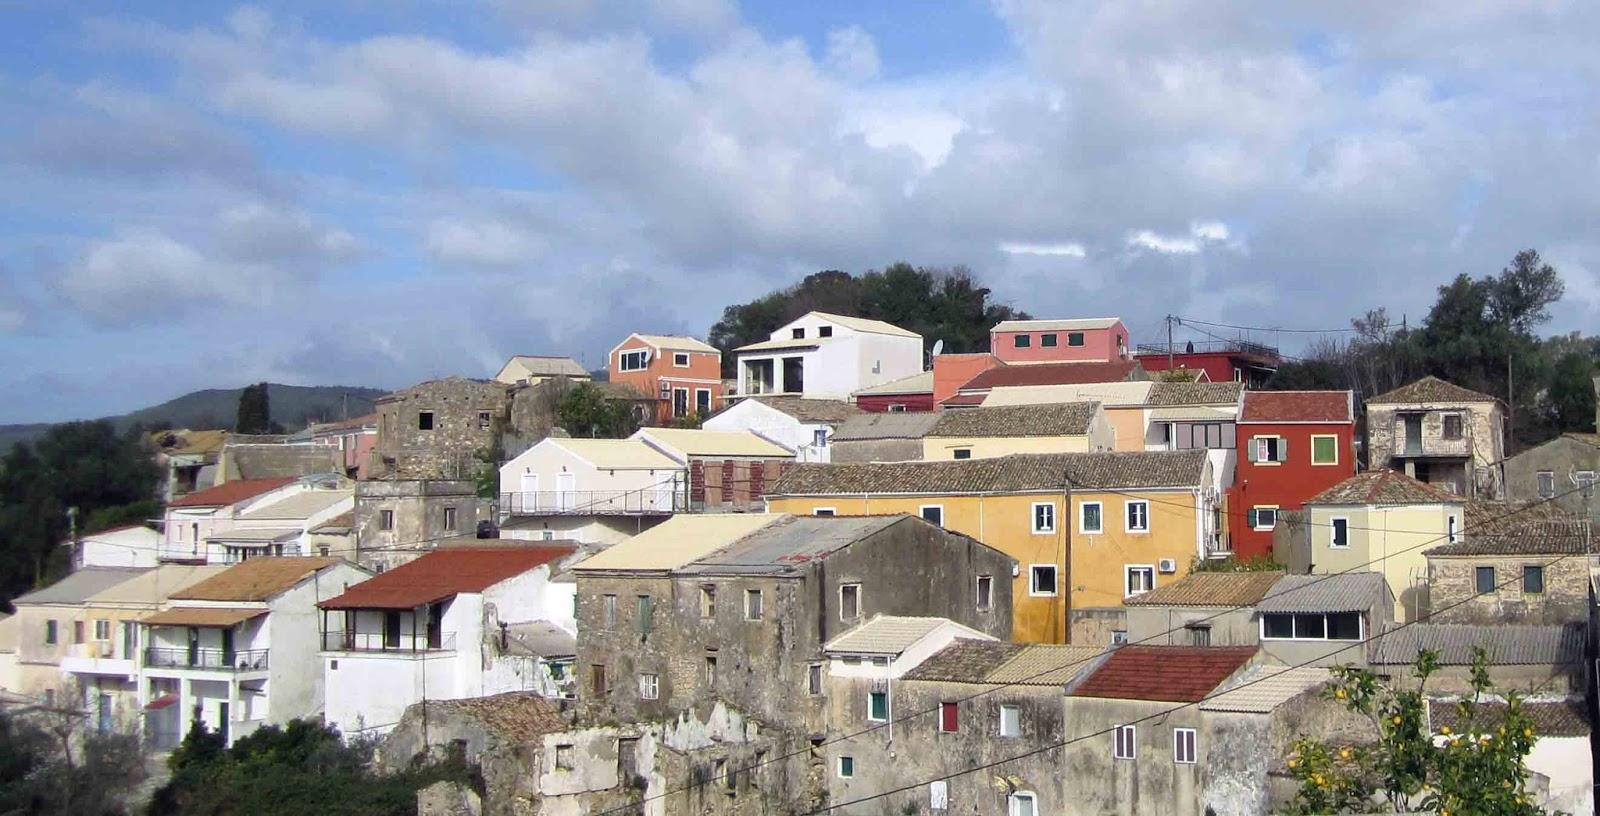 Αργυράδες – Κέρκυρας παραδοσιακό χωριό με ιστορία - Drepani.gr - Argyrades.gr  - news